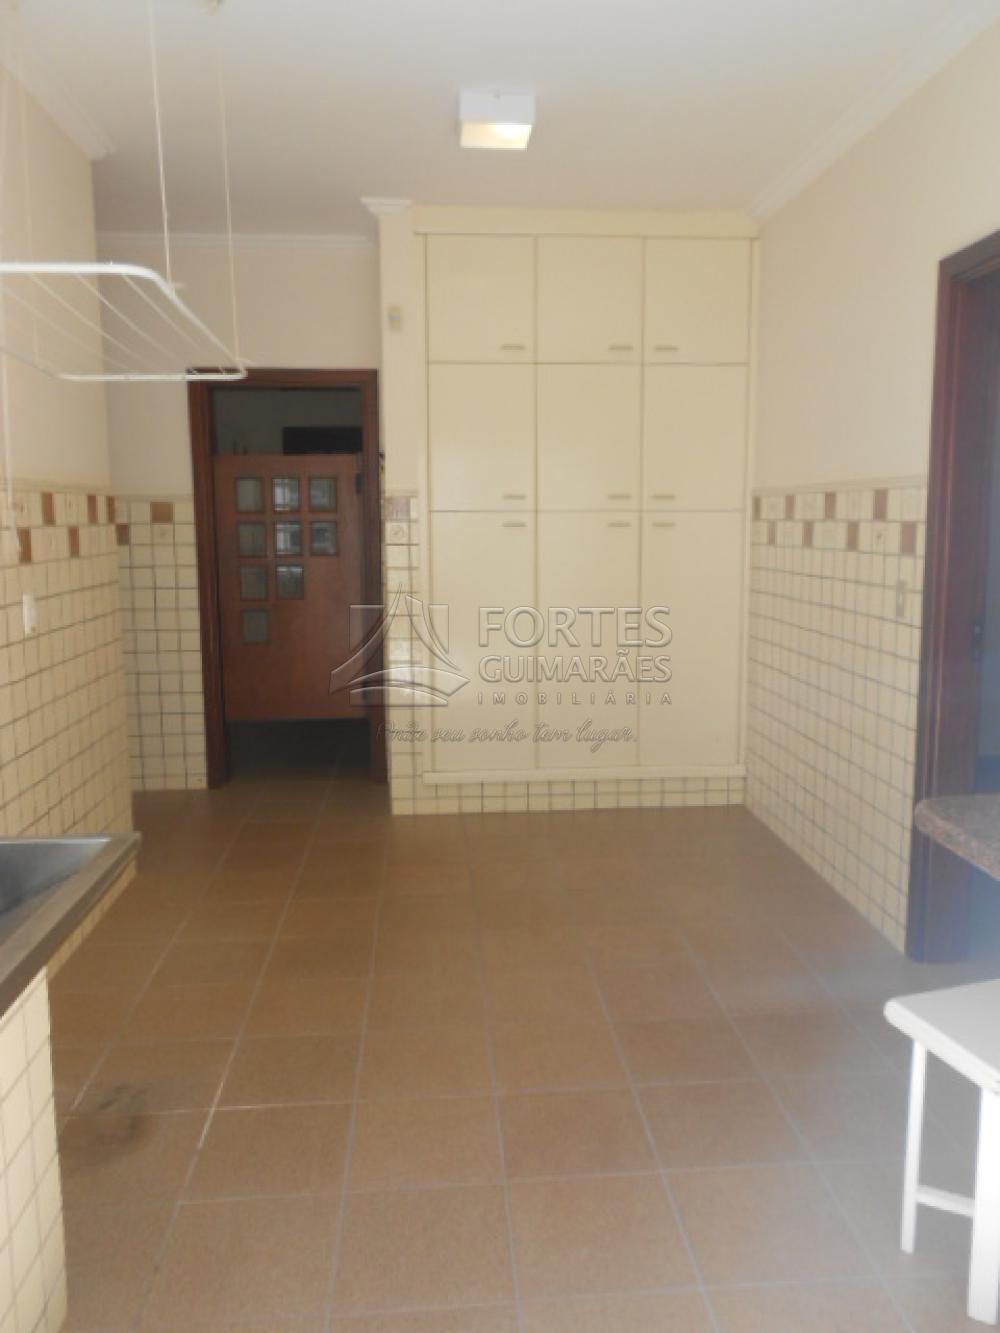 Alugar Casas / Padrão em Ribeirão Preto apenas R$ 6.000,00 - Foto 98